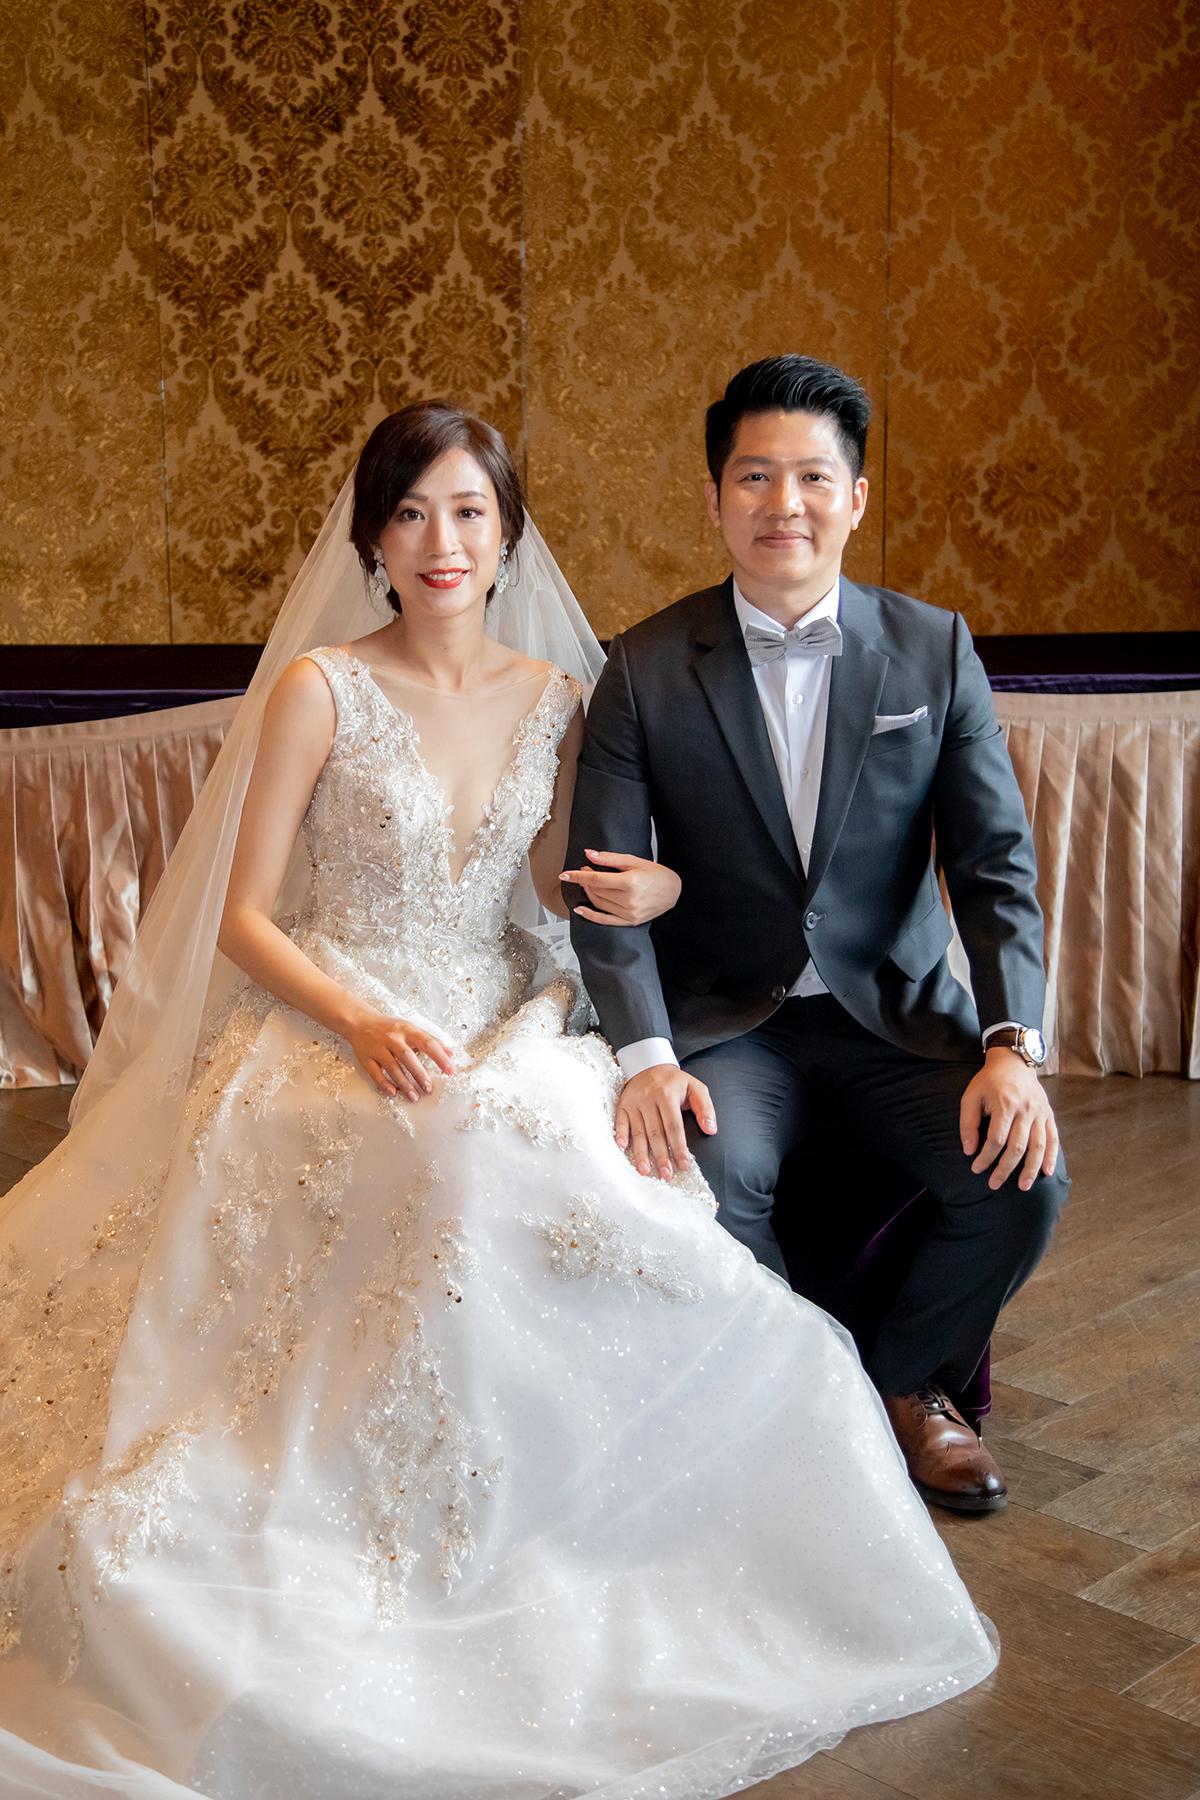 婚禮攝影,台北婚攝,君品酒店,君品婚攝,婚攝推薦,婚攝ptt推薦,婚攝作品,婚攝價格,君品婚宴,君品婚禮記錄,文定龍鳳掛